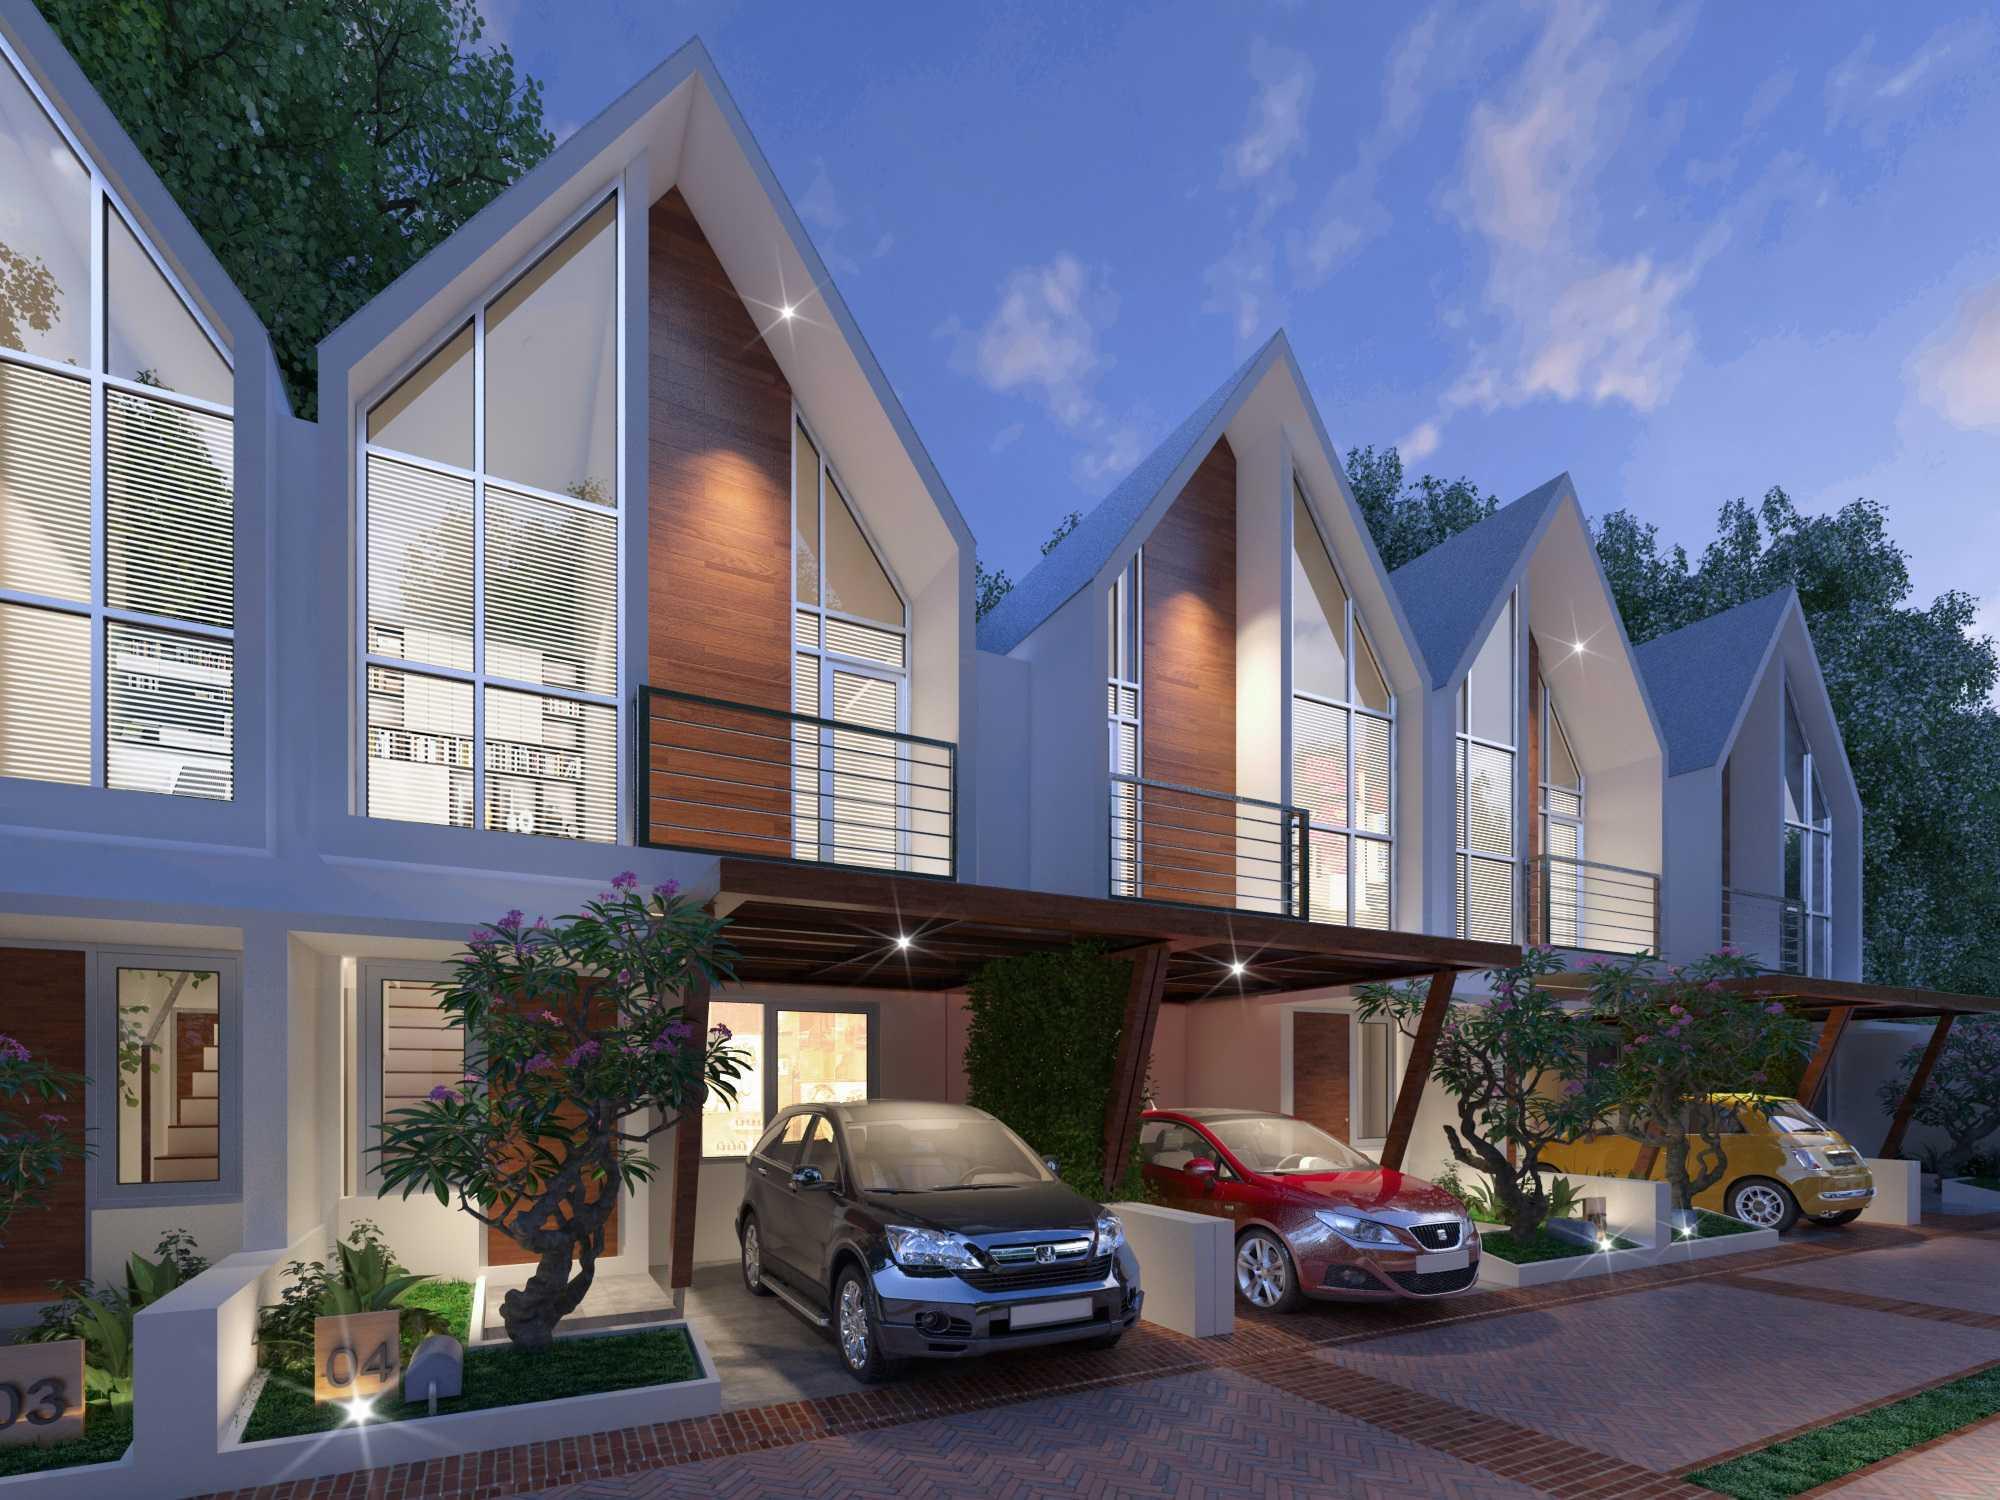 Kihaus Design Parigraha Malang, Kota Malang, Jawa Timur, Indonesia Malang, Kota Malang, Jawa Timur, Indonesia Kihaus-Design-Parigraha  110689